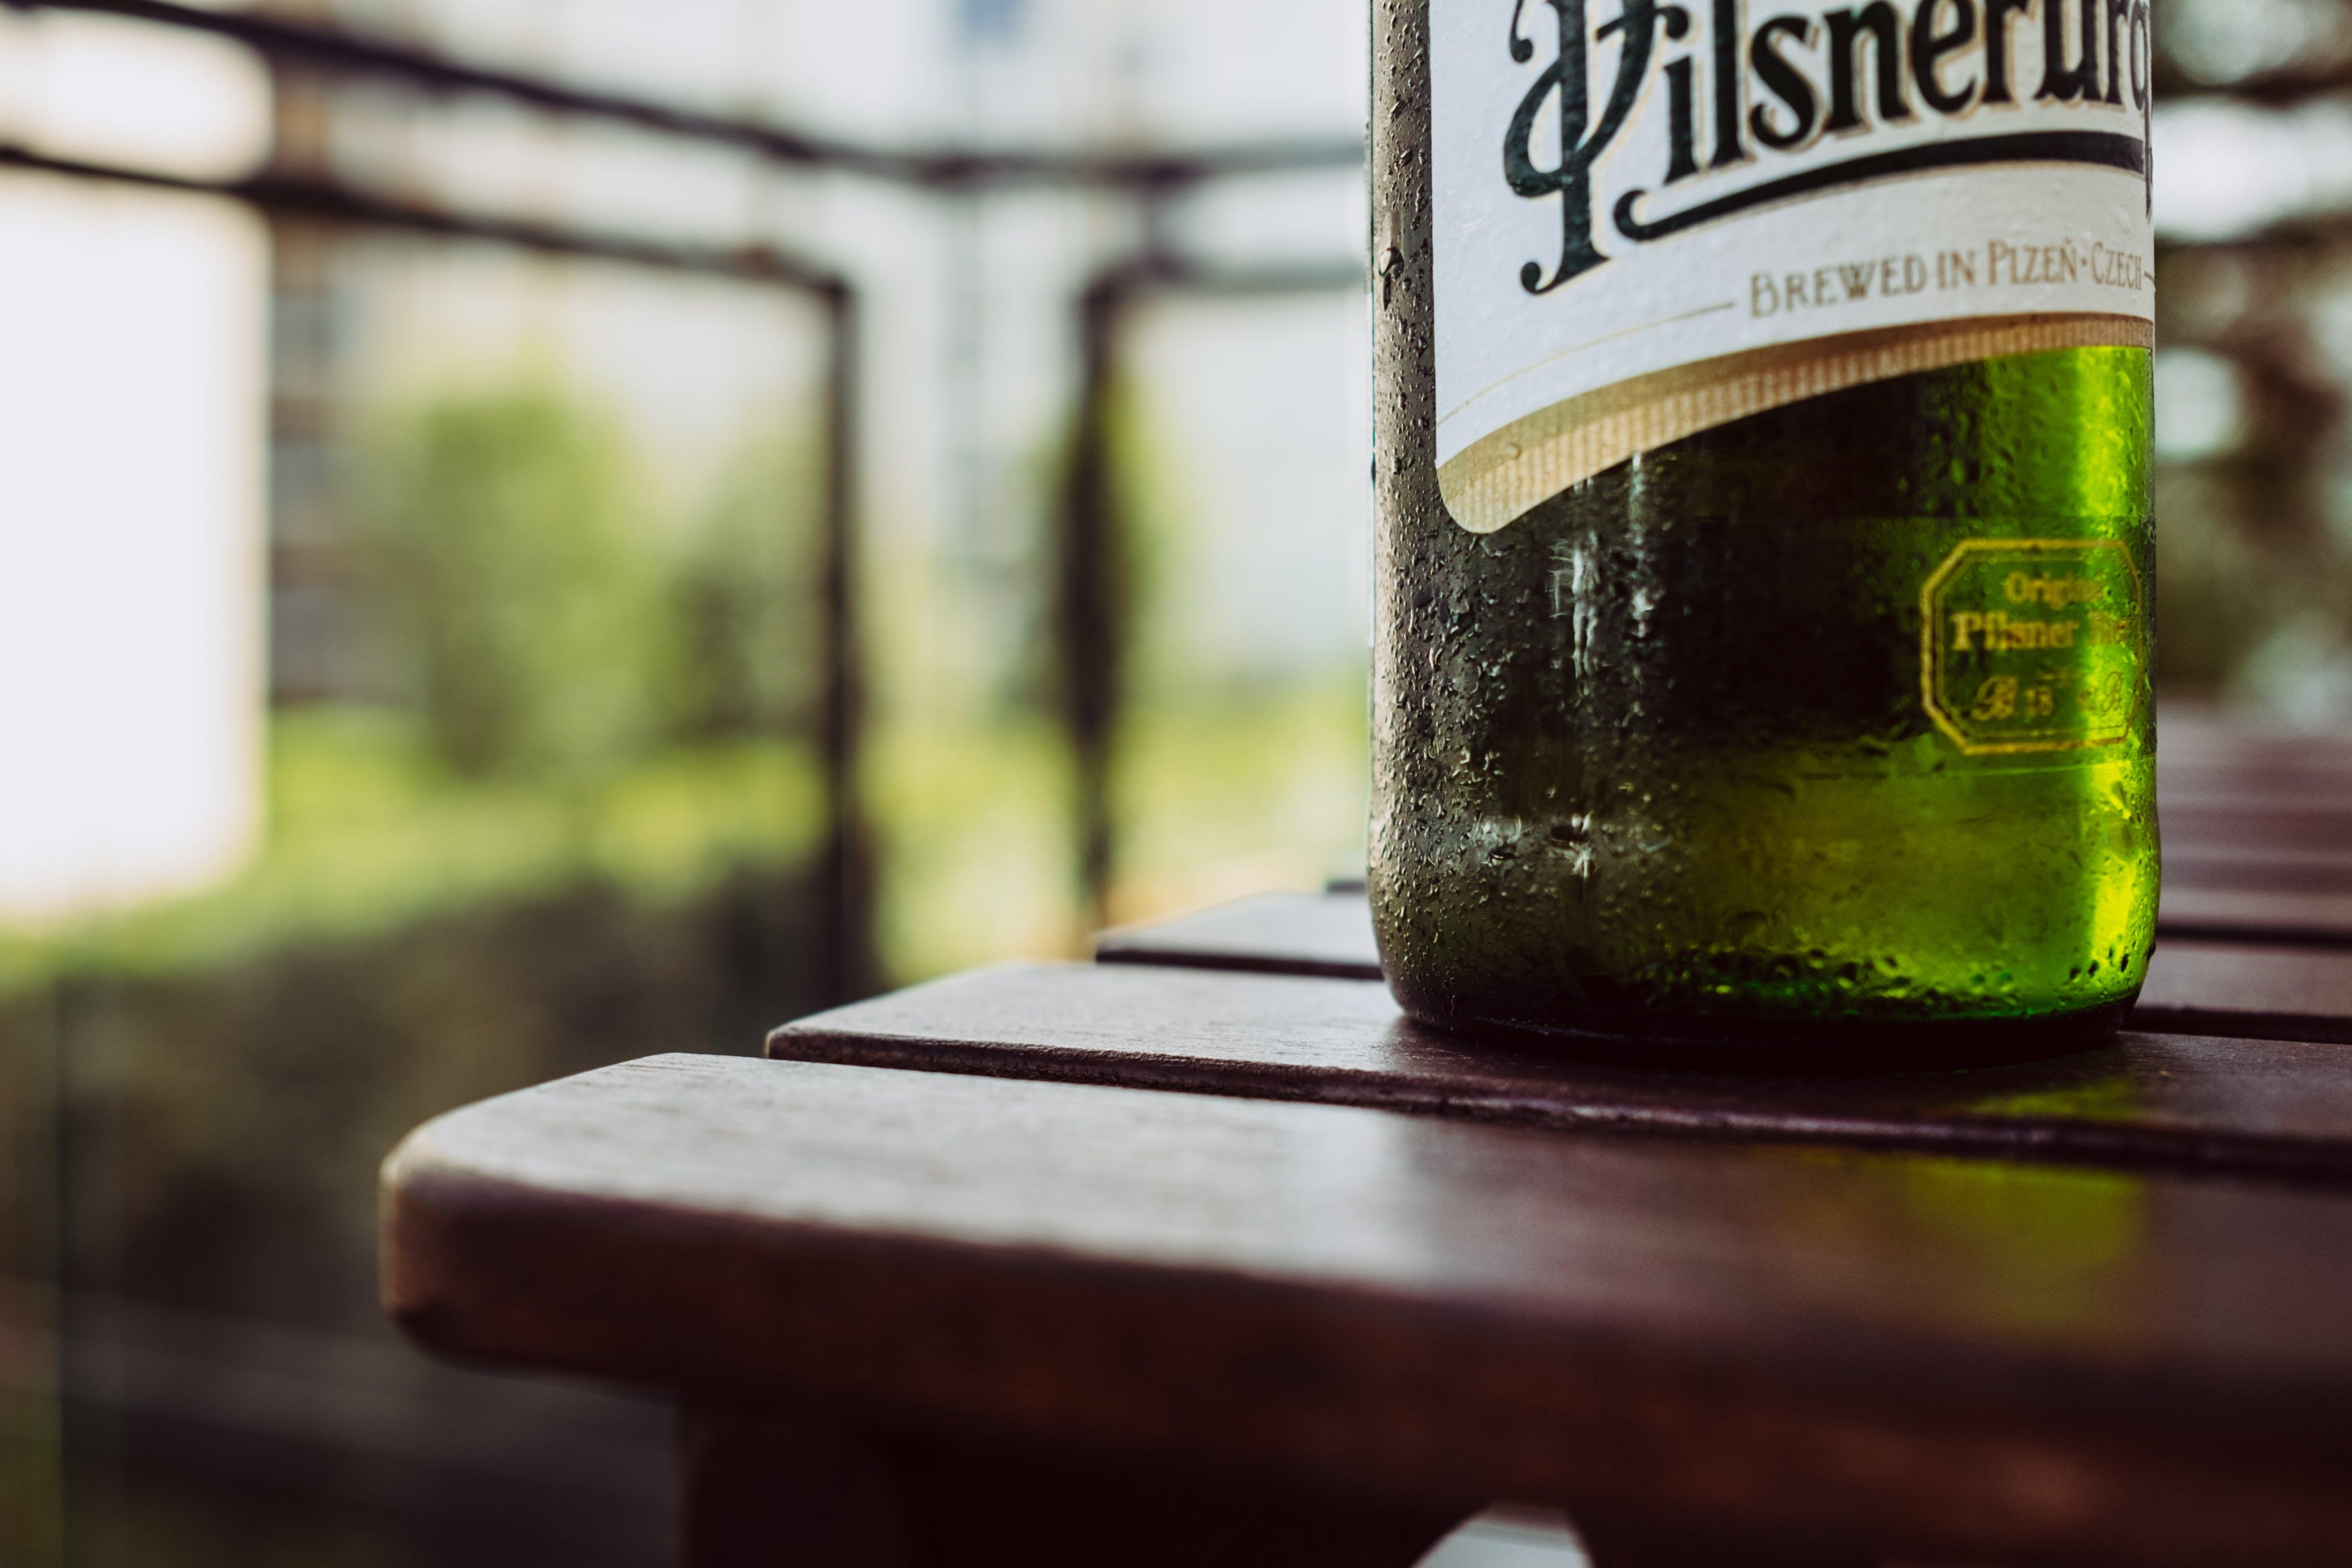 Fotos de stock gratuitas de beber, botella, contenedor, cristal